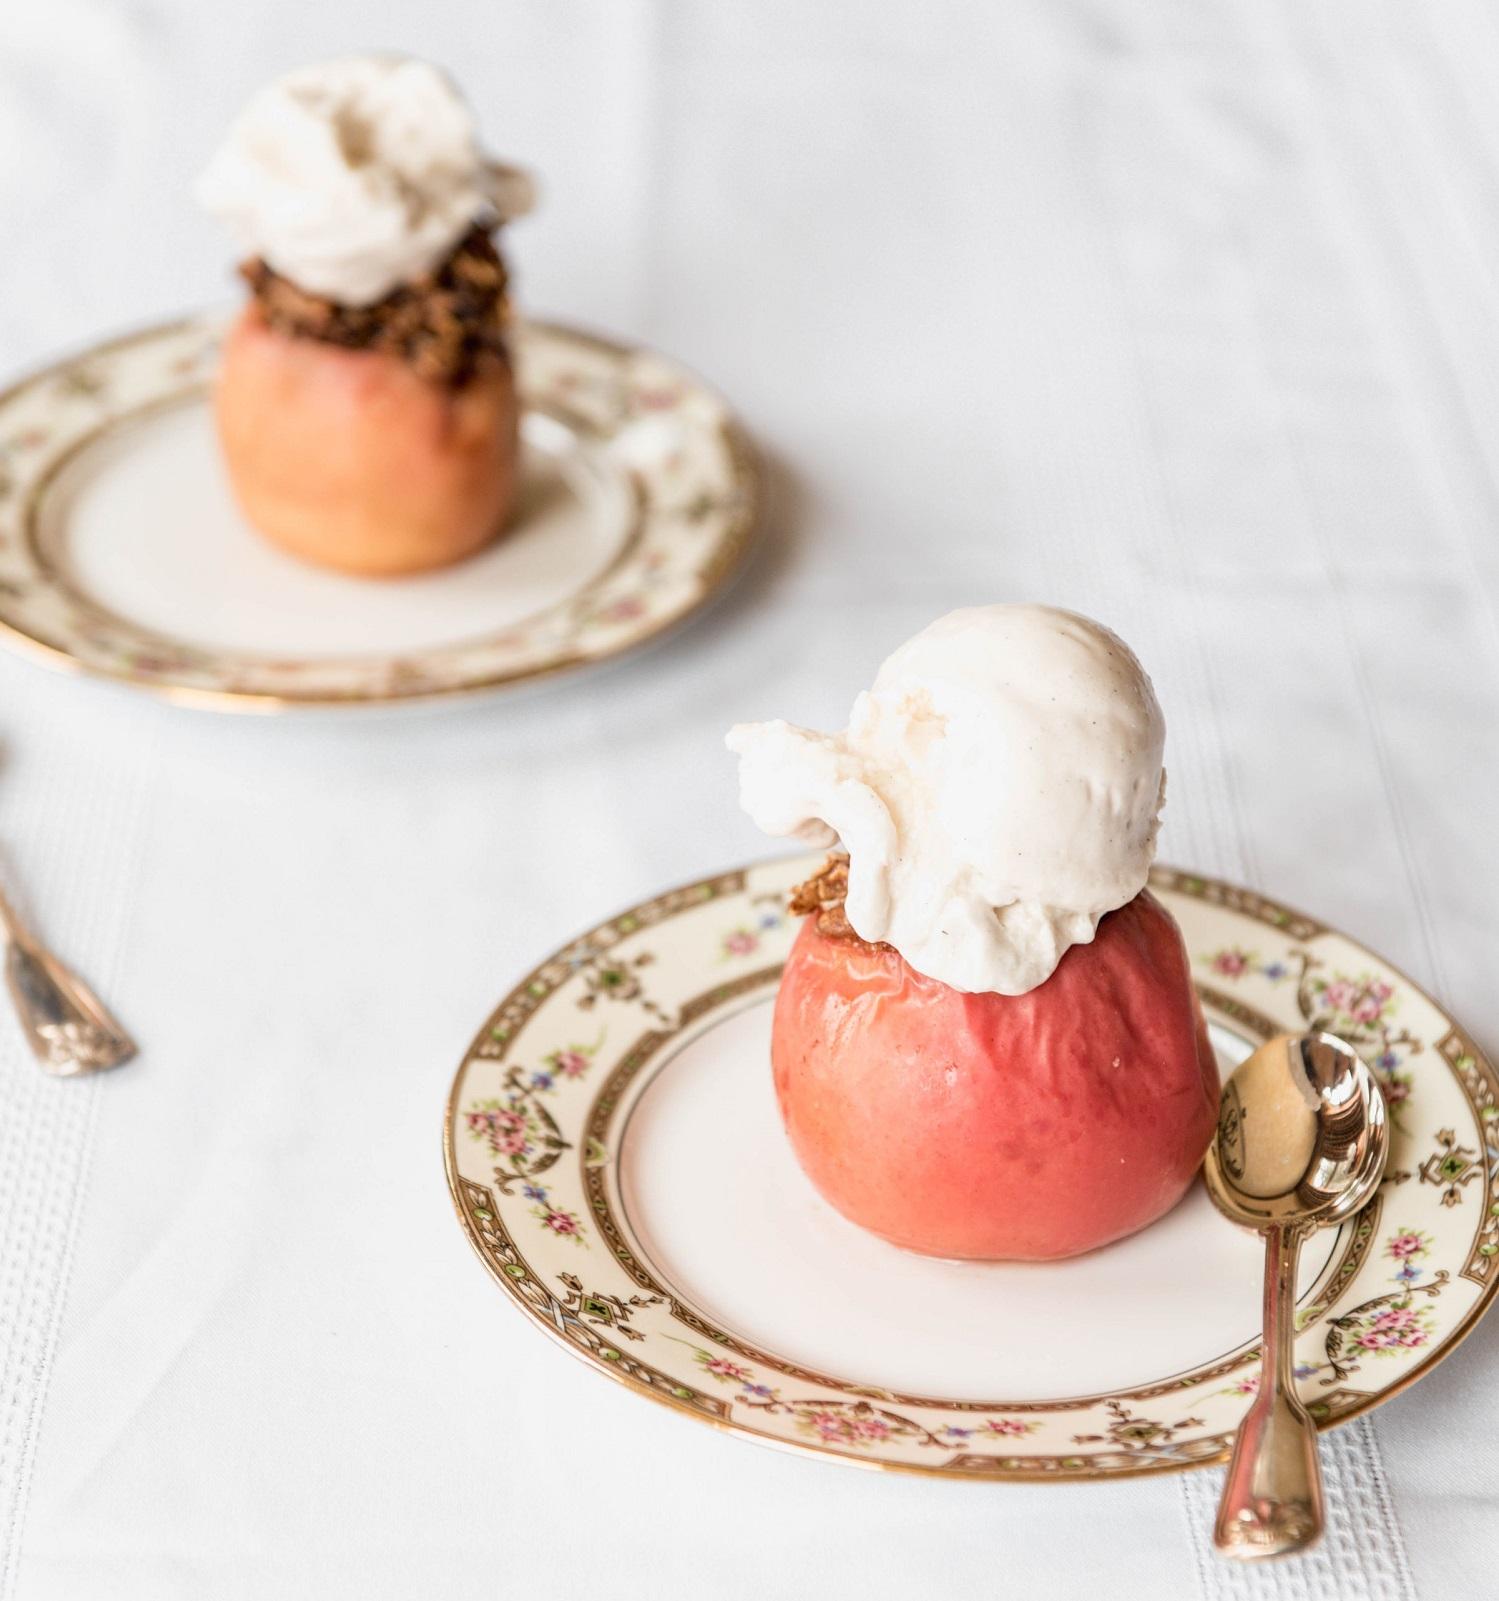 baked-apple-ice-cream-serving.jpg